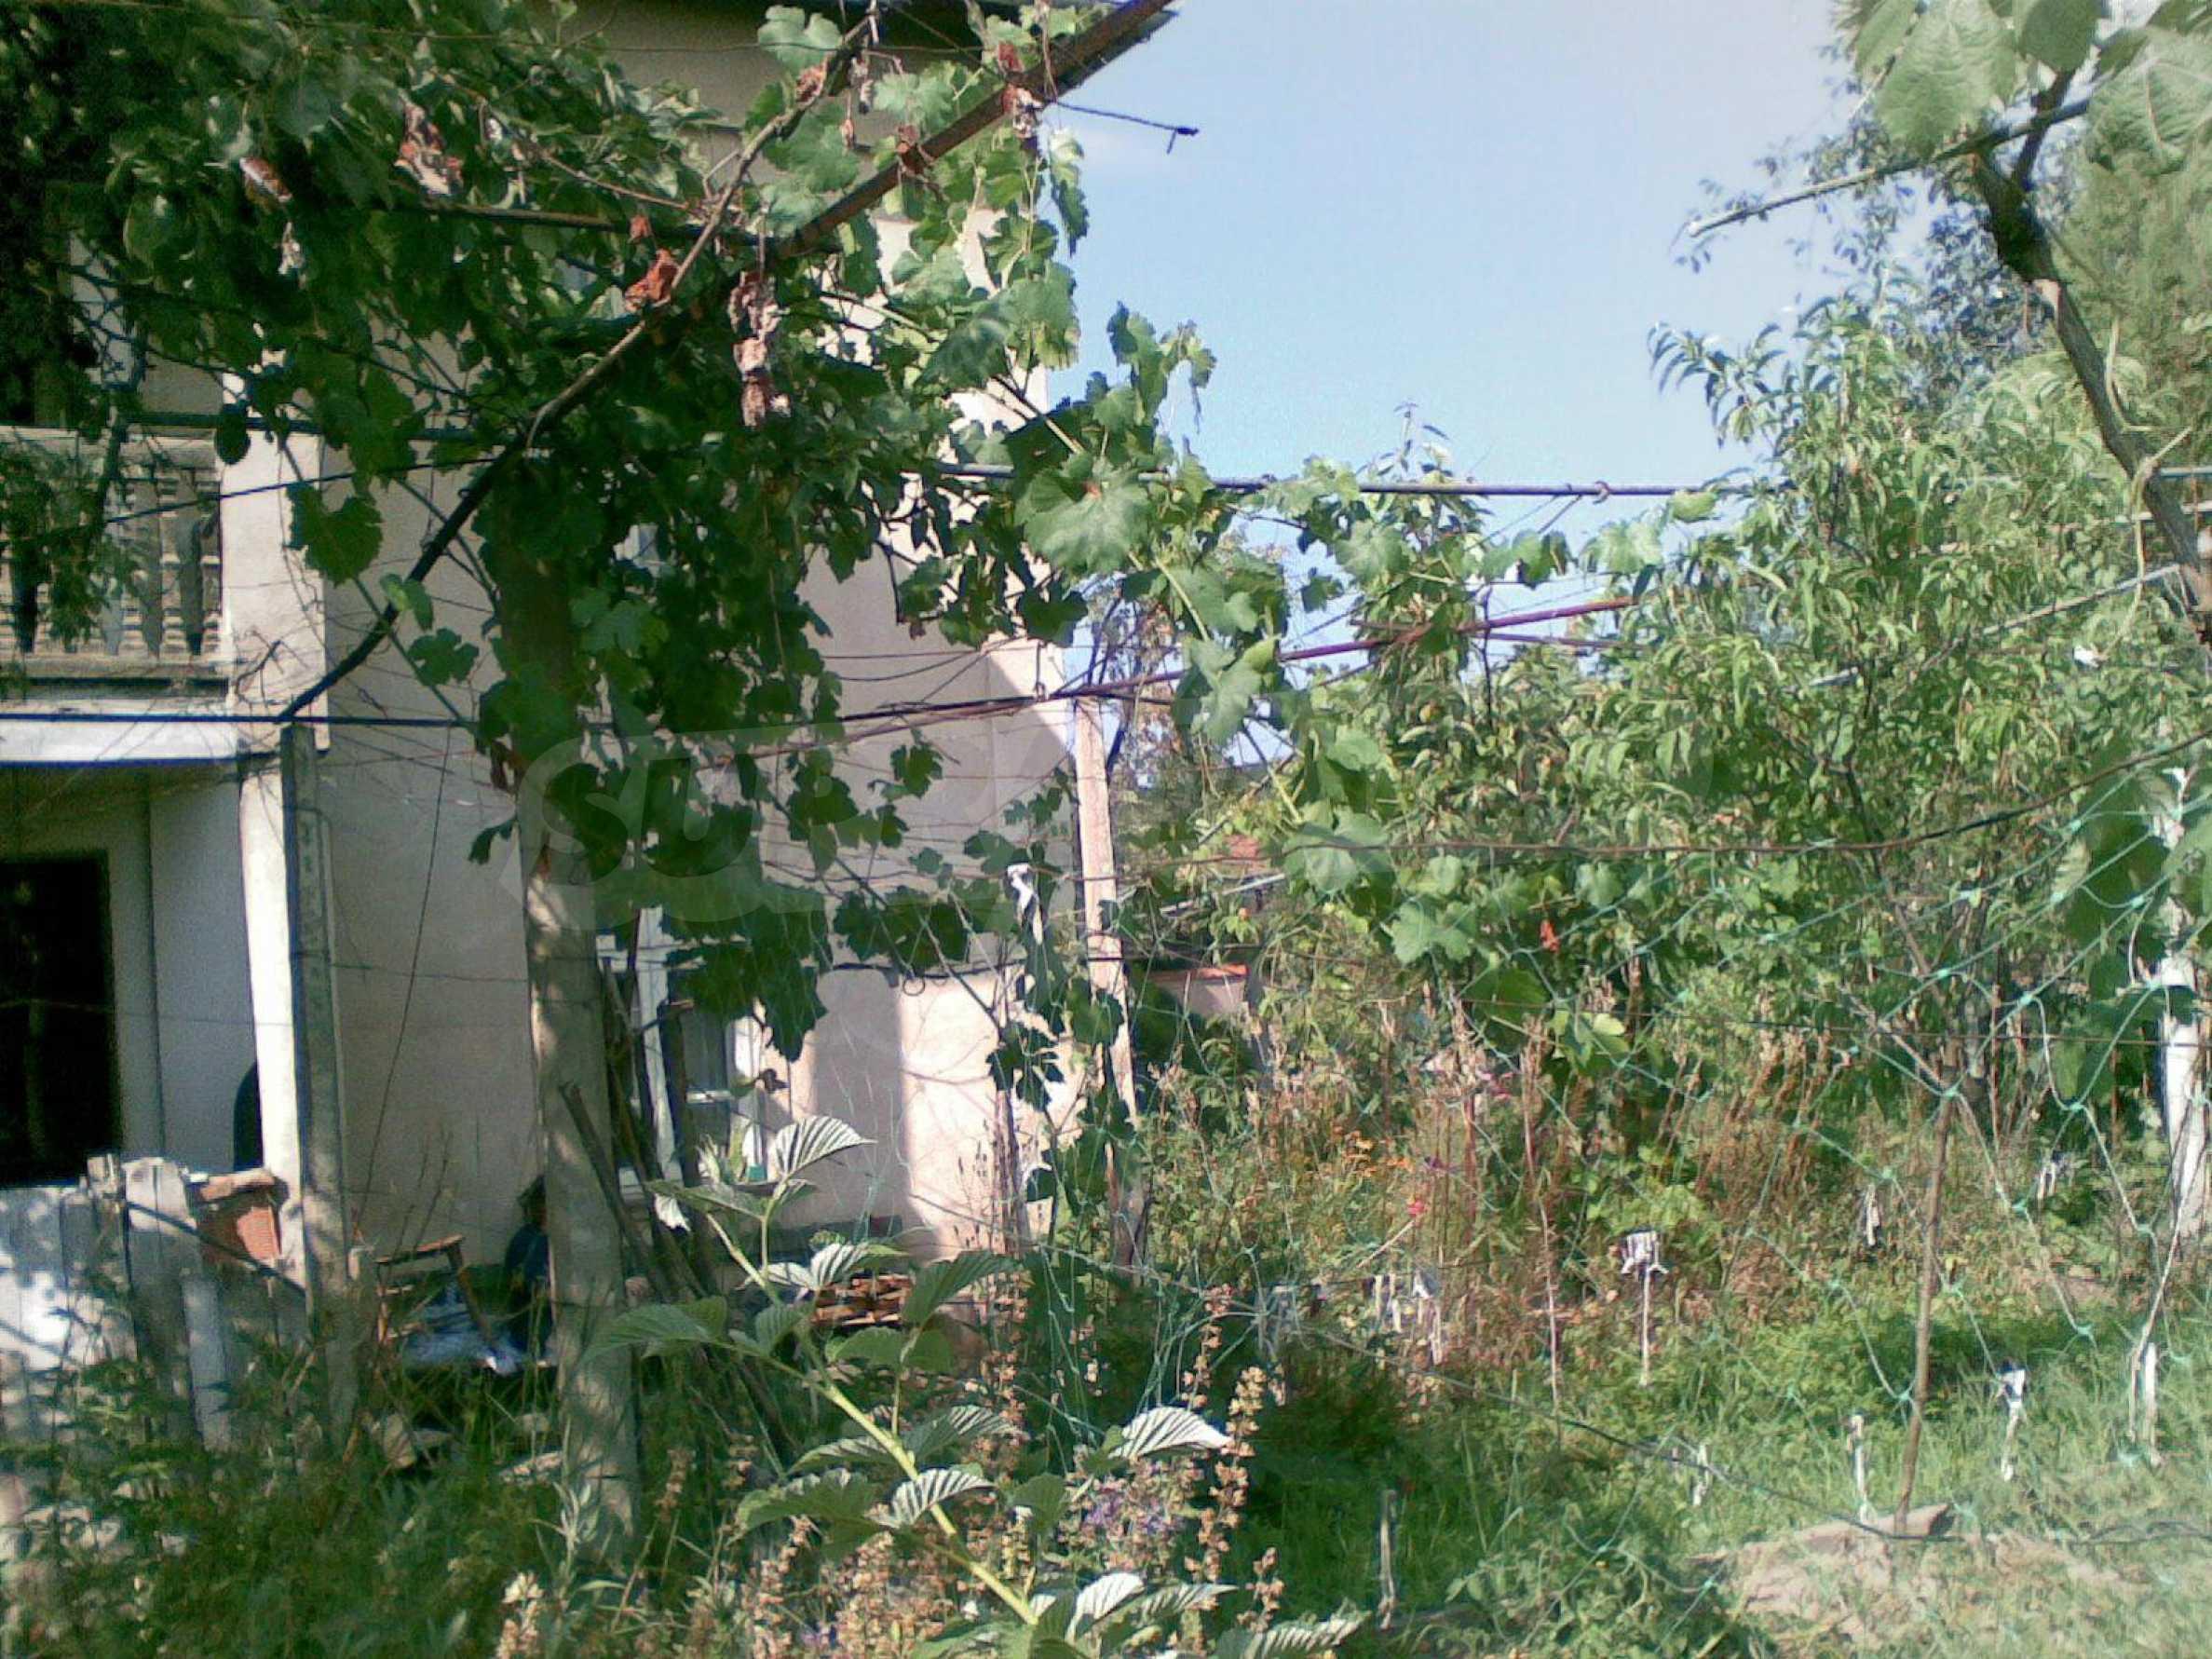 Zweistöckiges Backsteinhaus in der Stadt, 35 km von Lovech entfernt, in der Nähe eines Damms 2